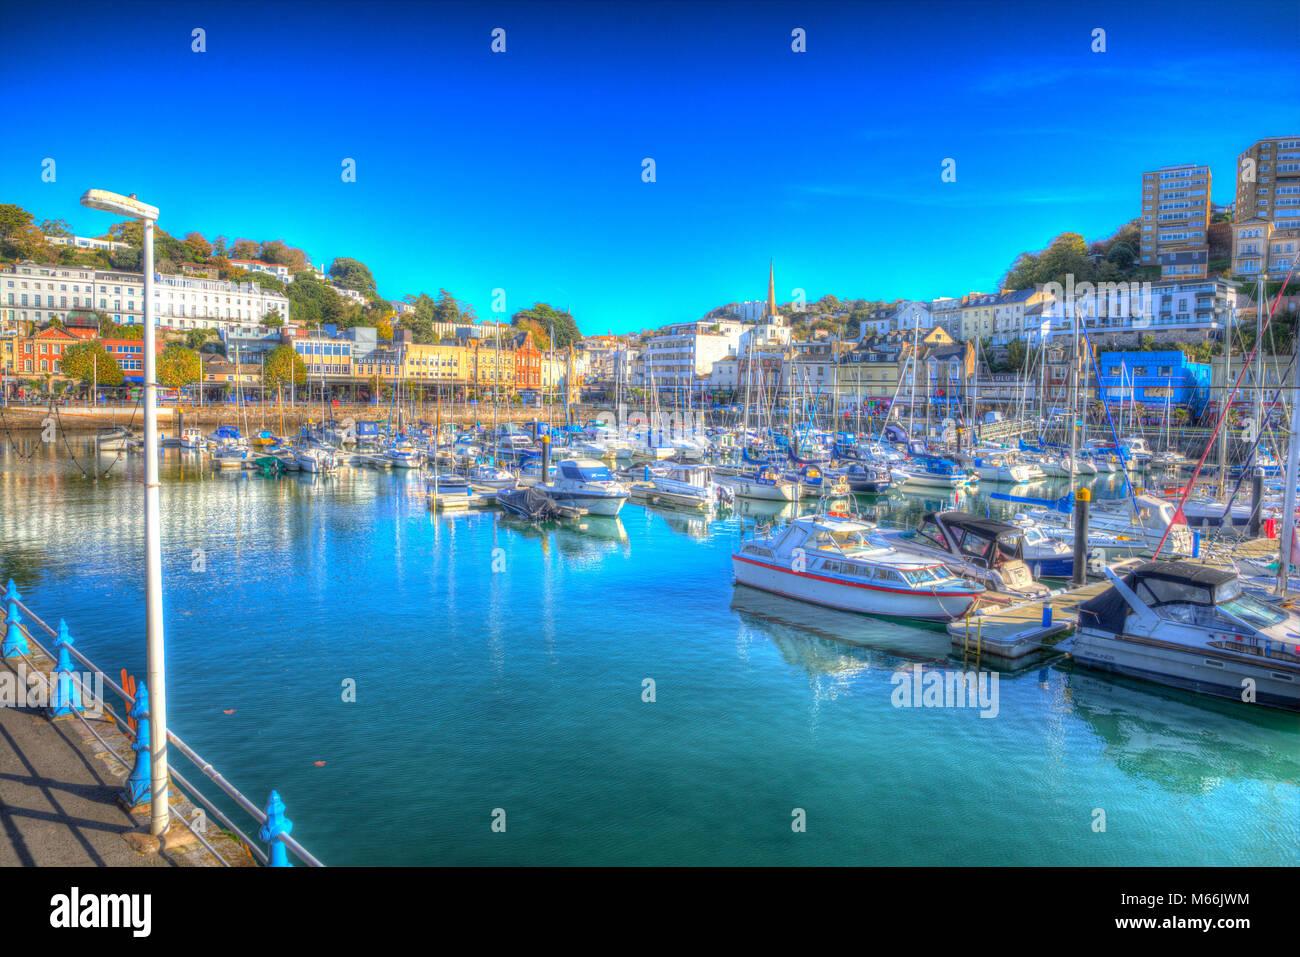 Torquay Devon port et port de plaisance avec des bateaux colorés en hdr au soleil Photo Stock